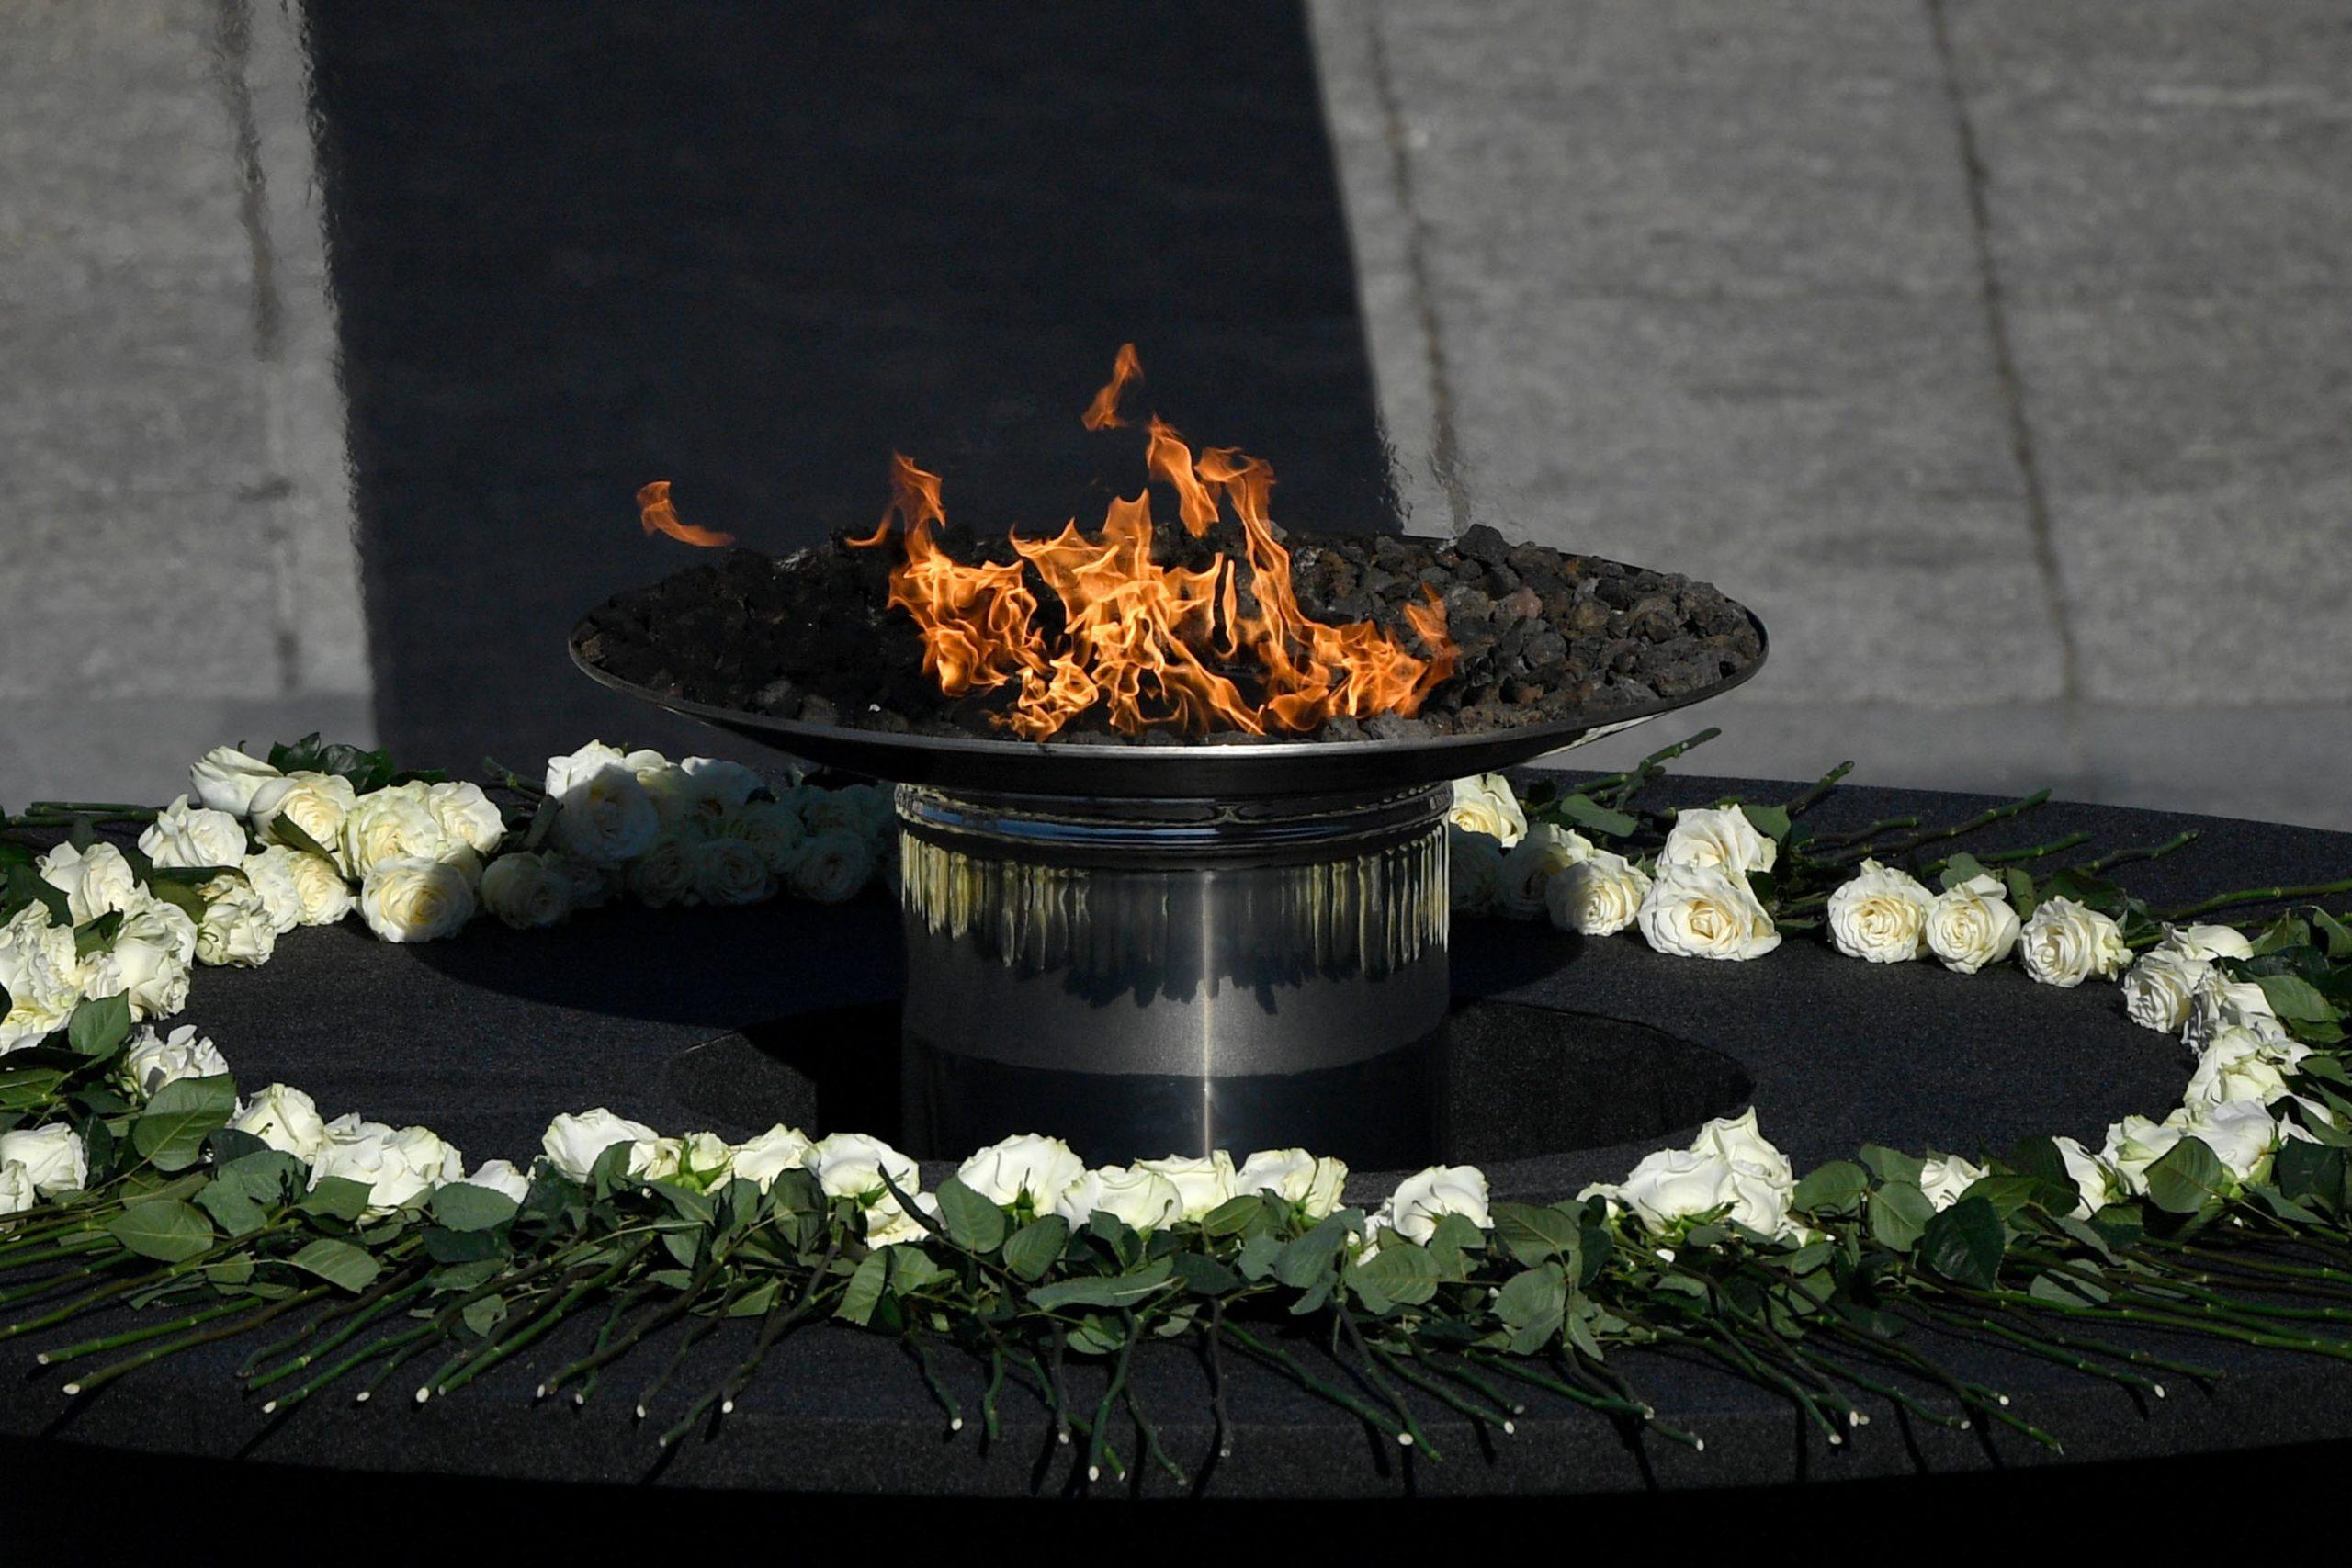 Spanjë, ceremoni shtetërore në nder të atyre që humbën jetën nga Covid-19